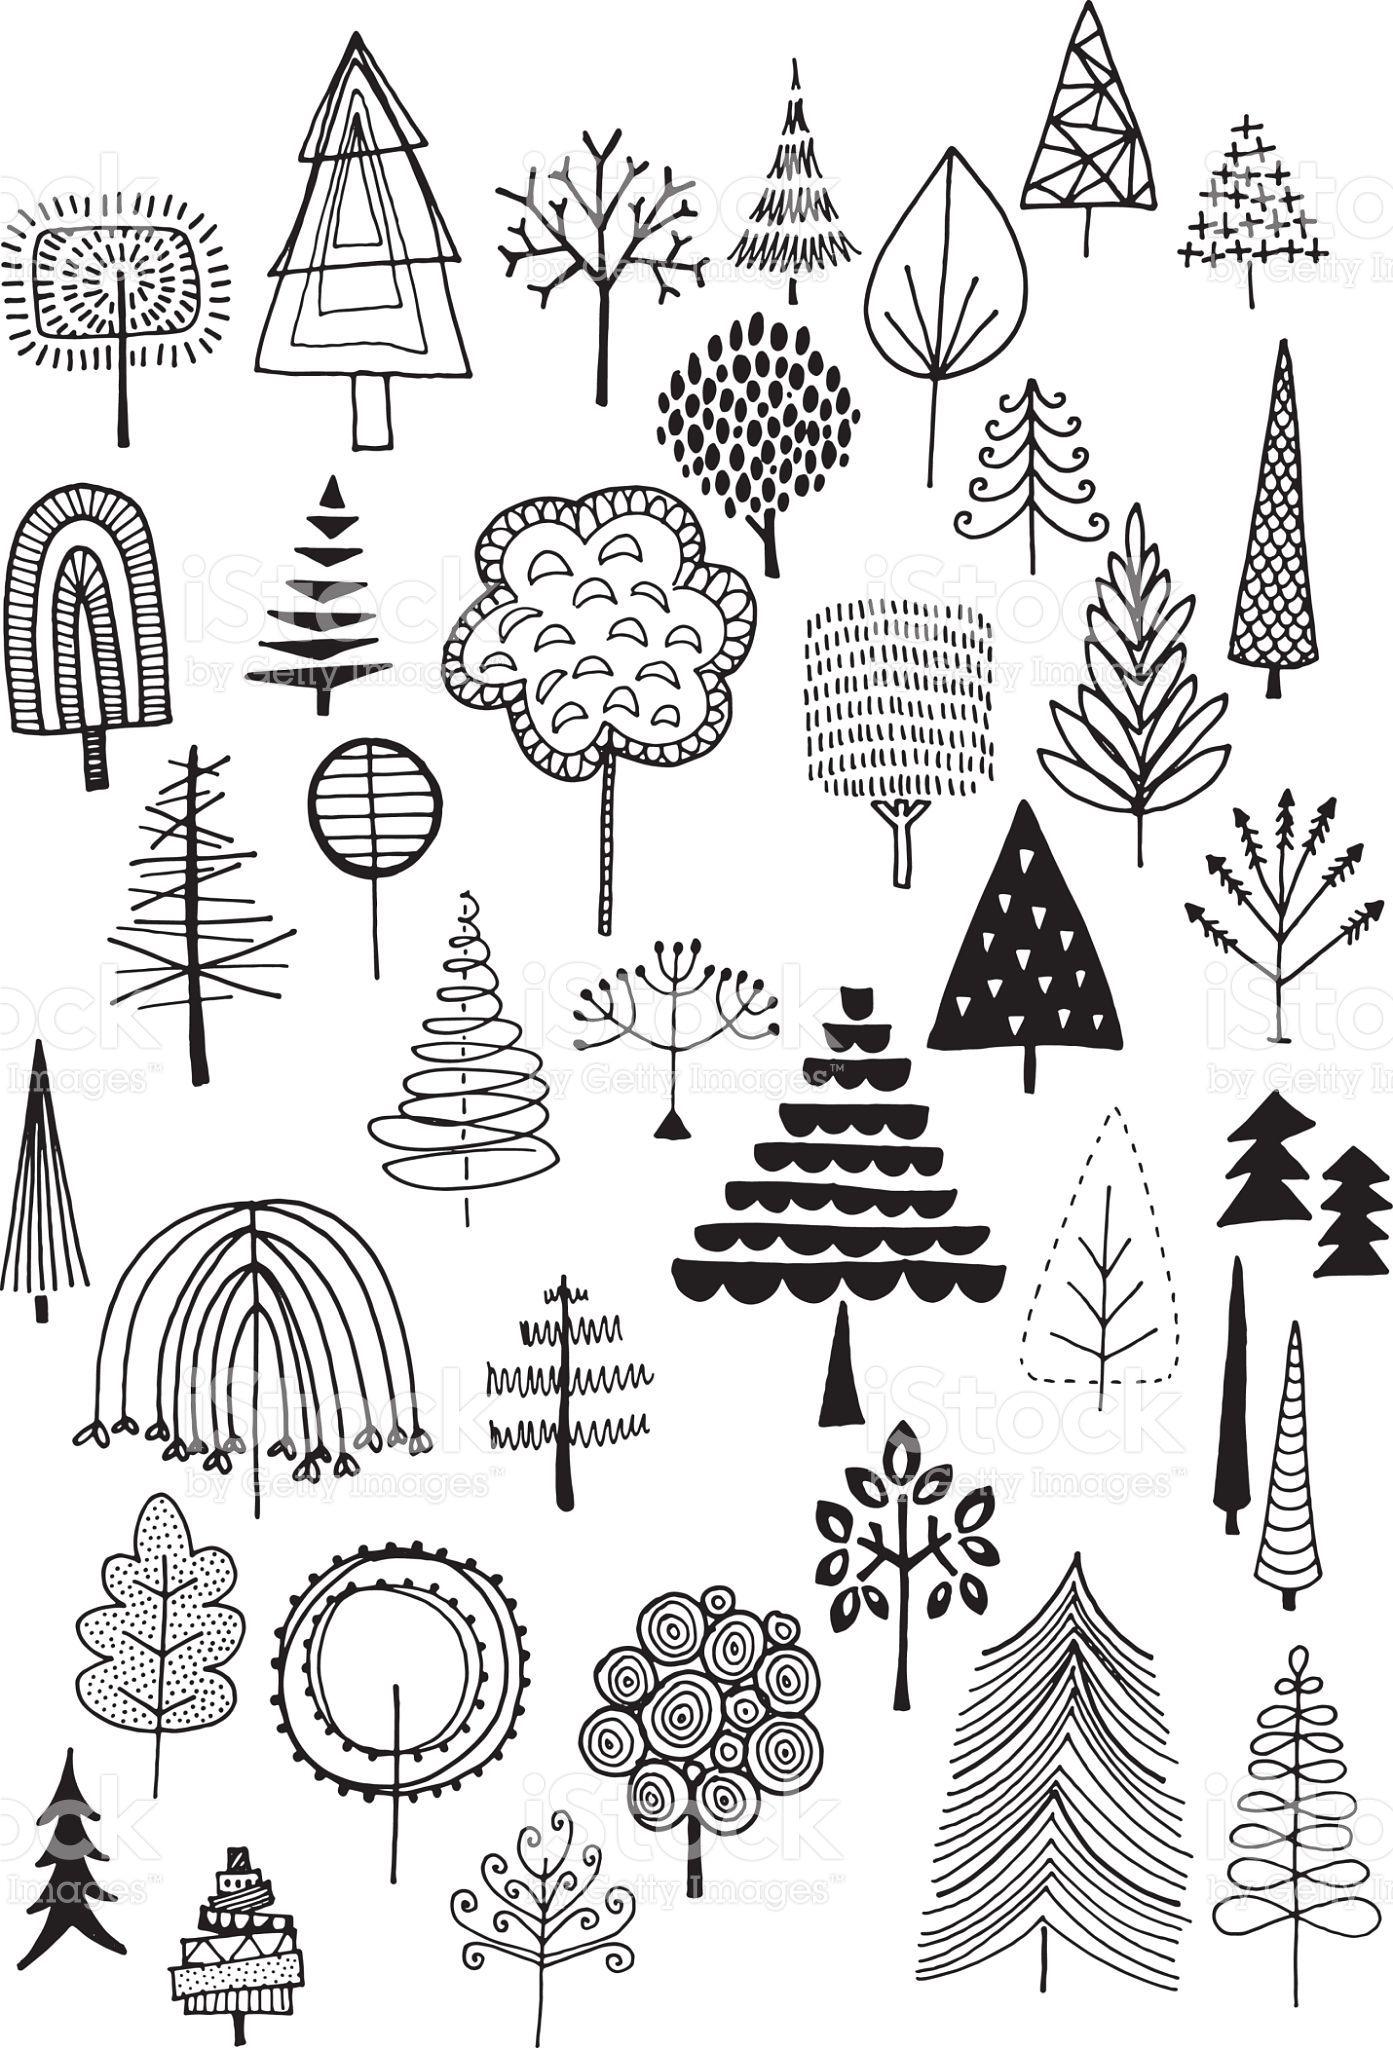 doodle trees royalty free stock vector art art pinterest doodles